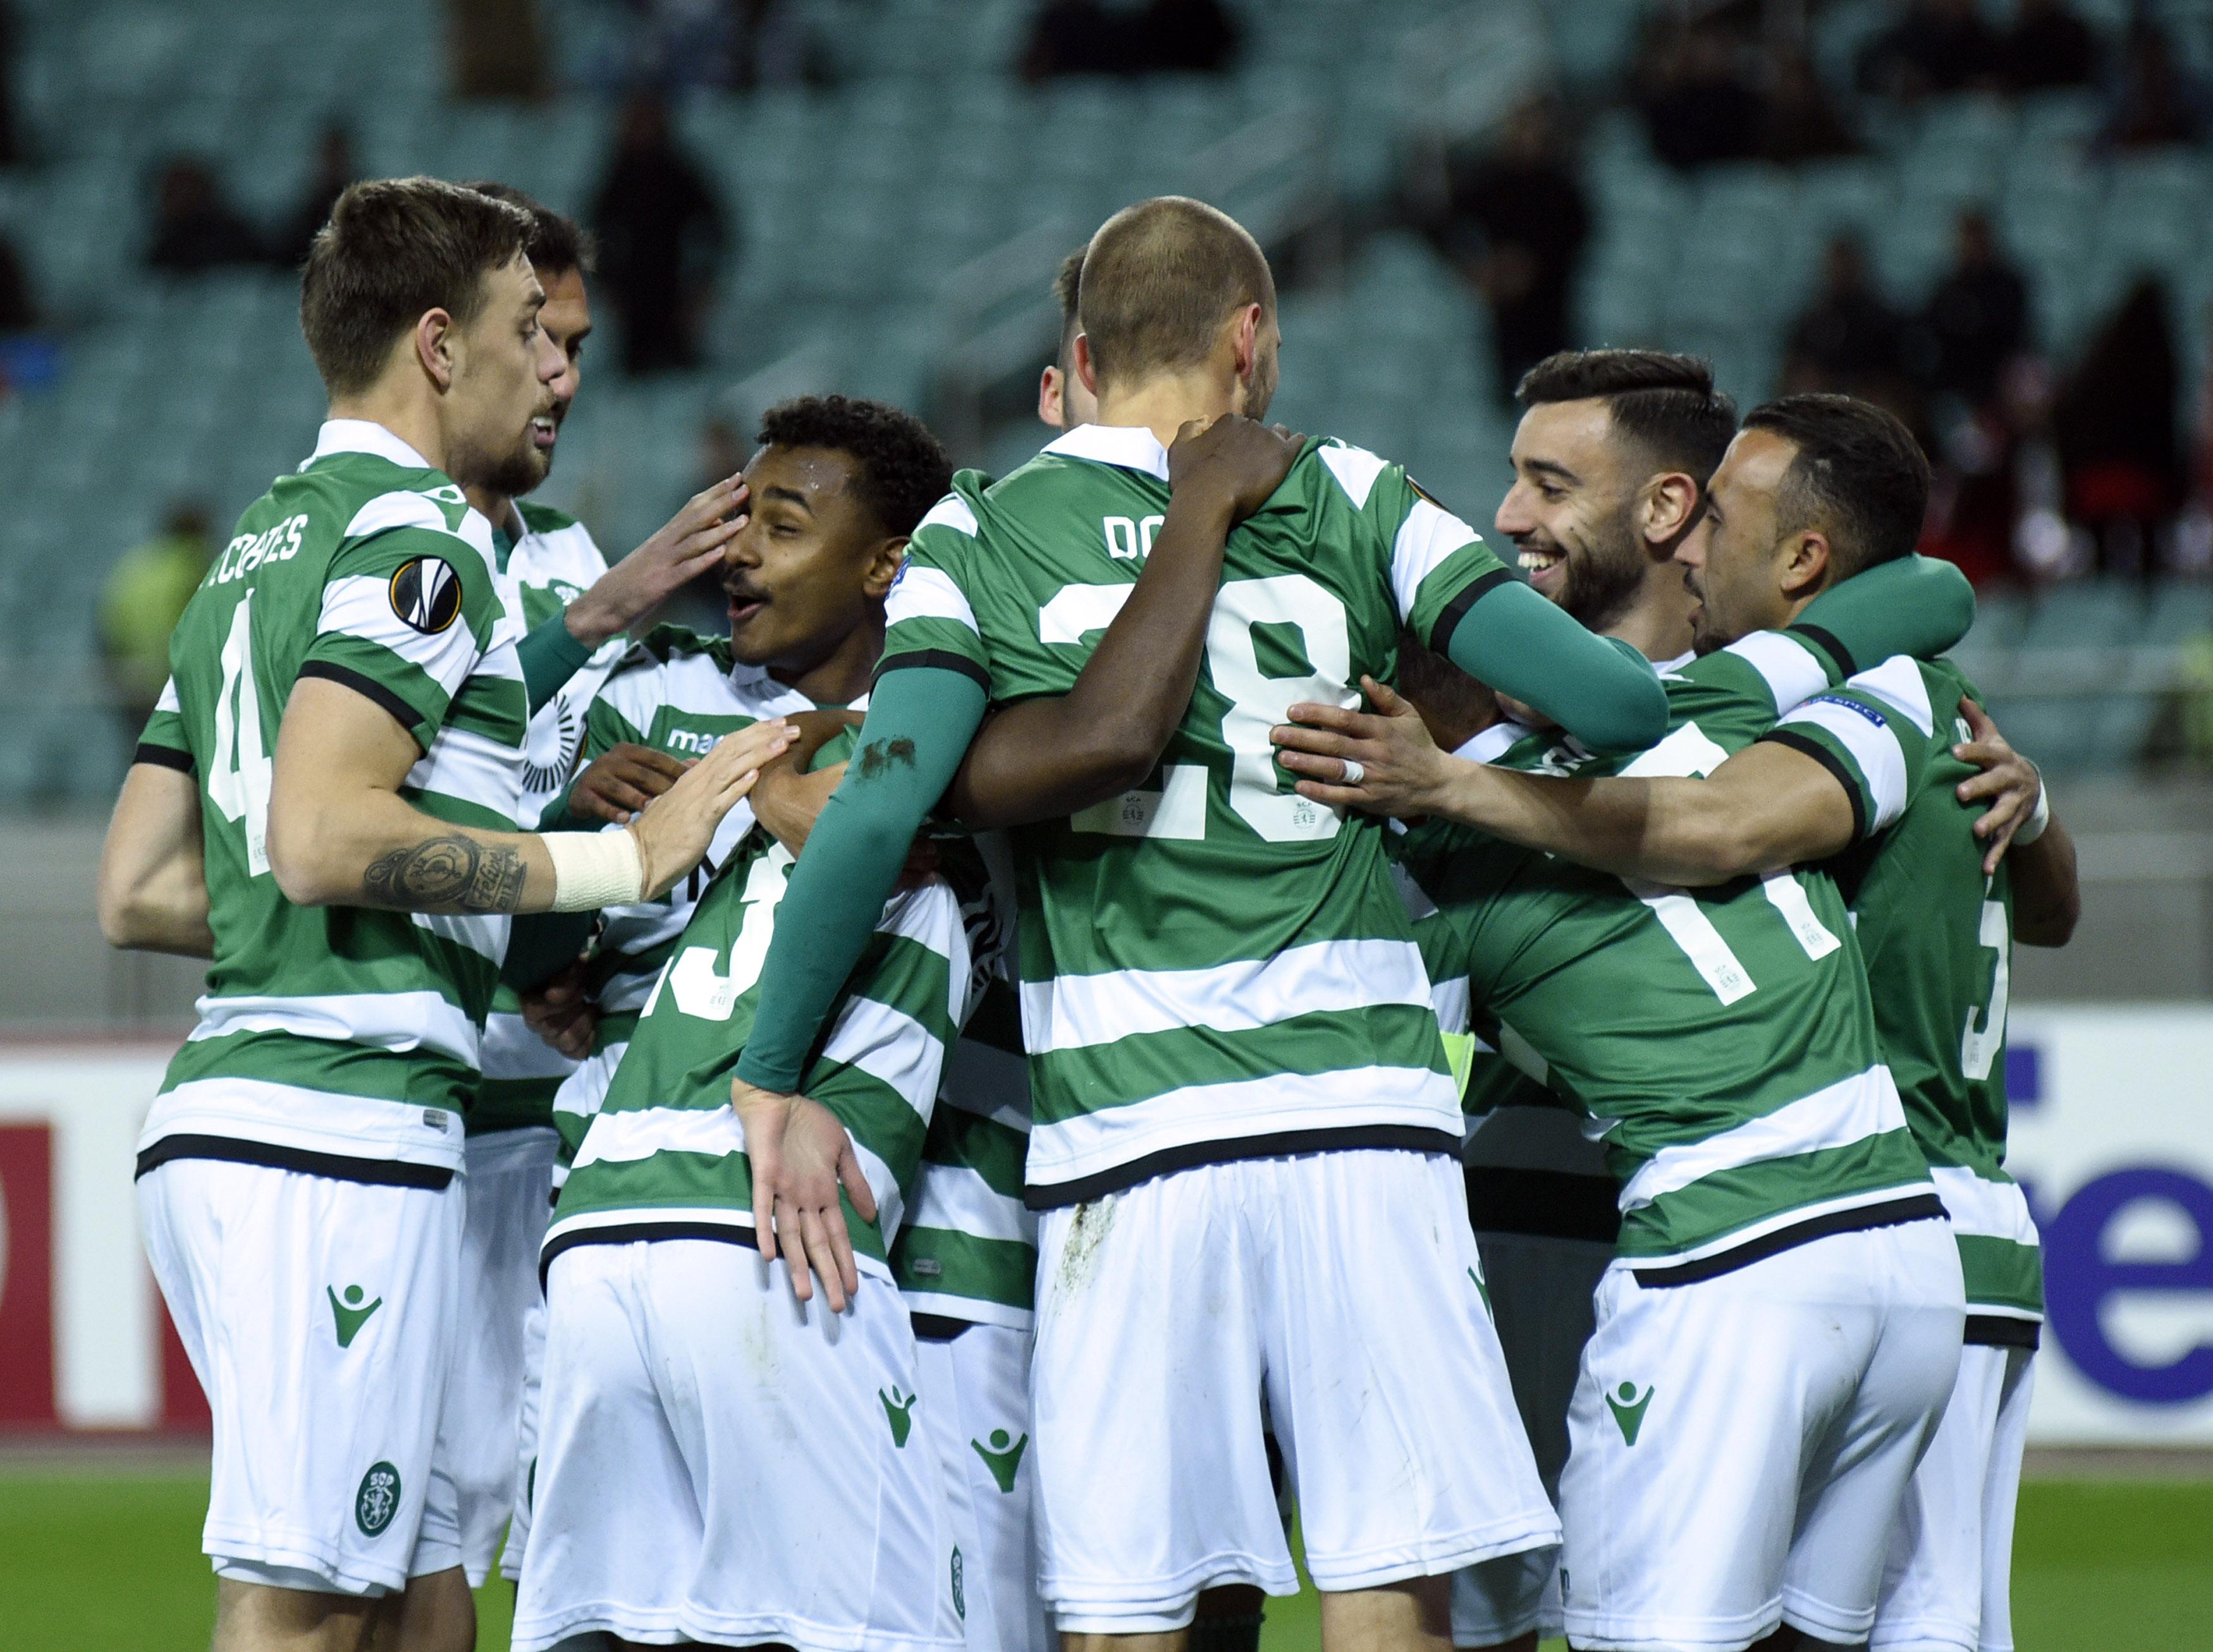 Seis regressos nos convocados do Sporting para a receção ao Nacional